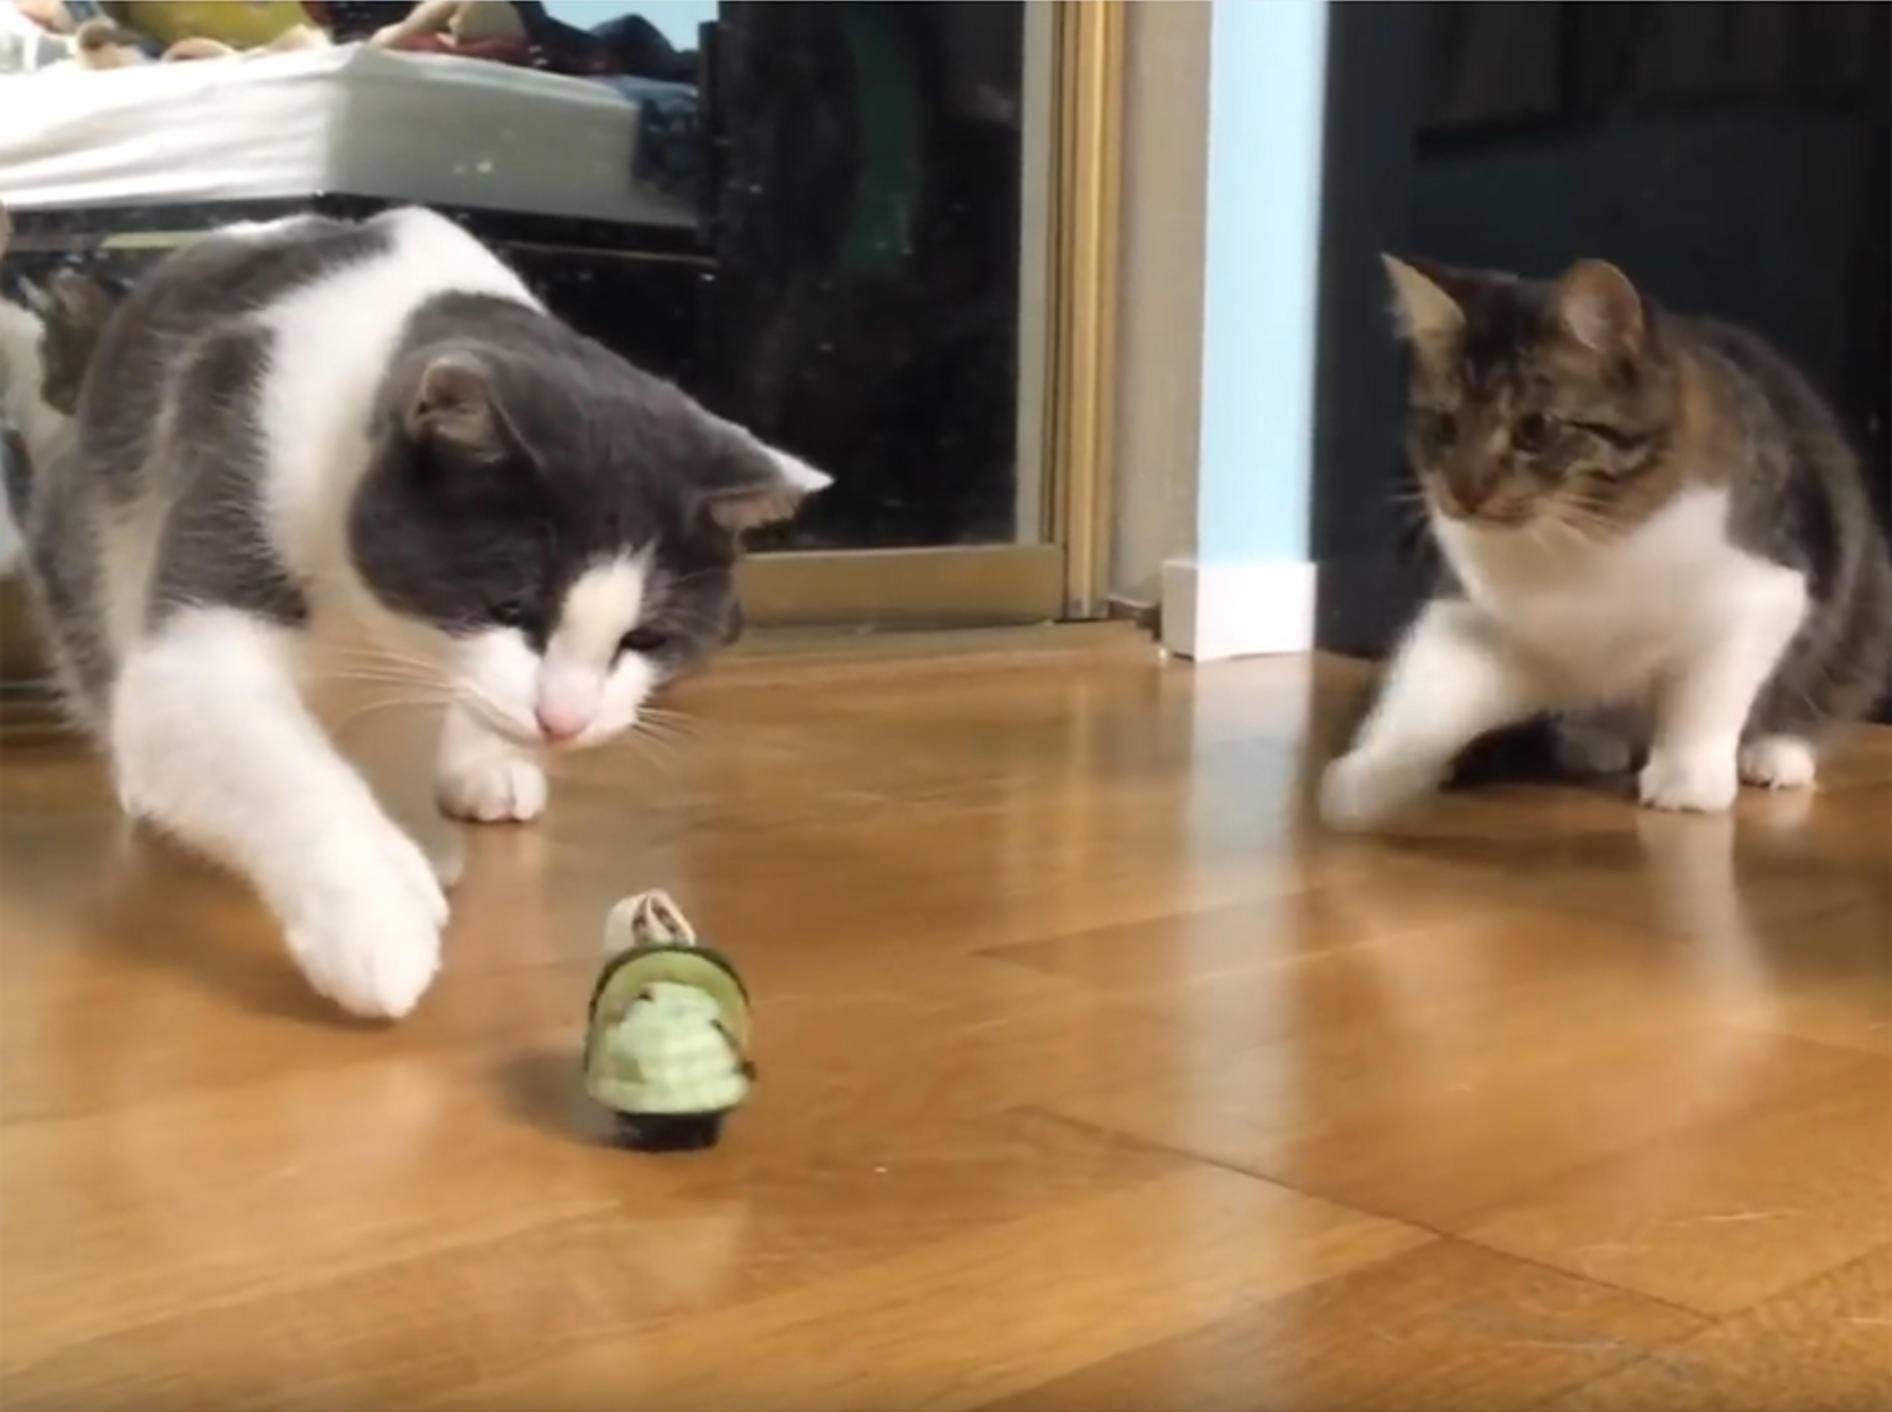 Husky Lilo und ihre Katzenfreunde erkunden neues Spielzeug –YouTube / lilothehusky